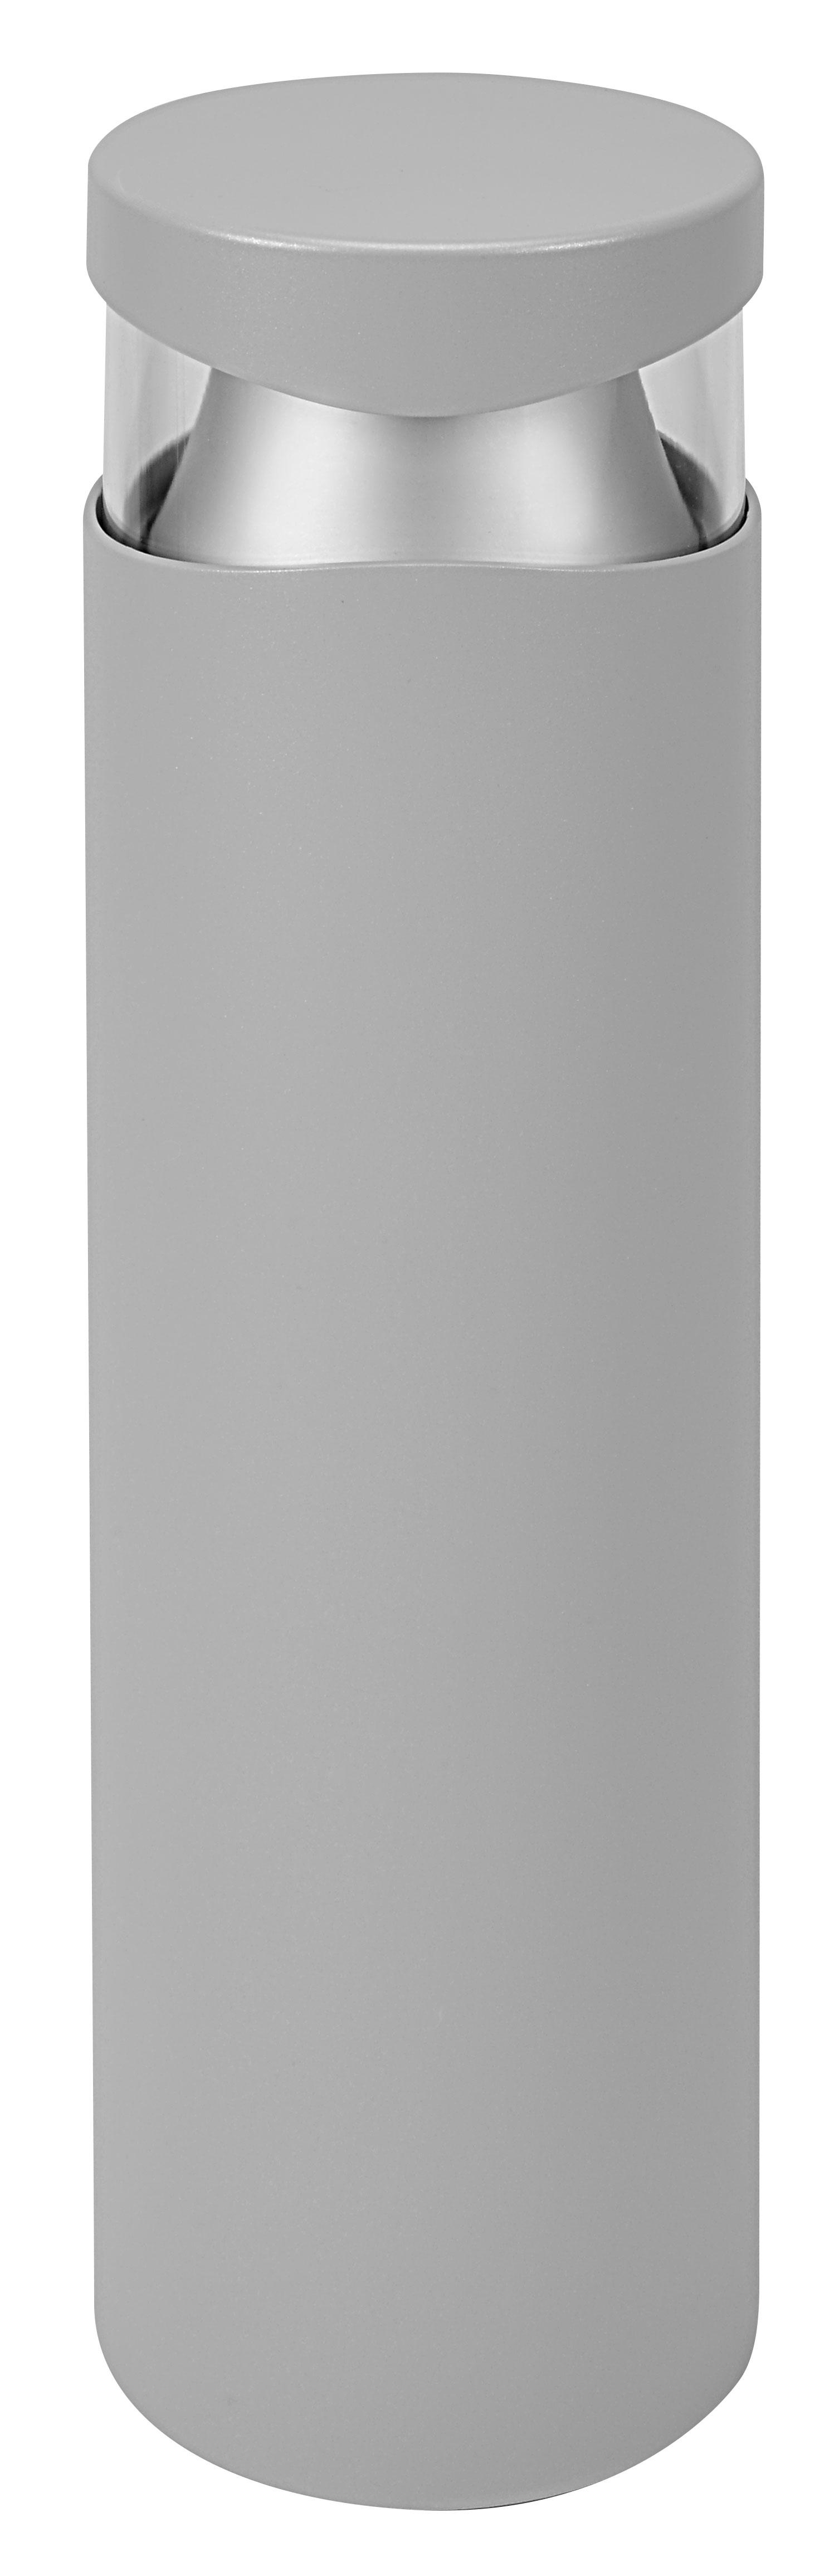 HYDROBOULEVARD 02 360 LED